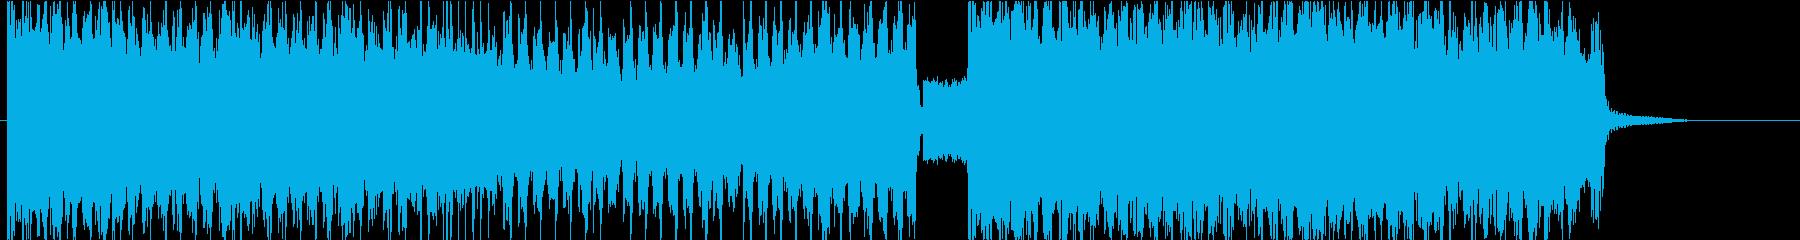 ひたすら激しいメタルロック Bの再生済みの波形